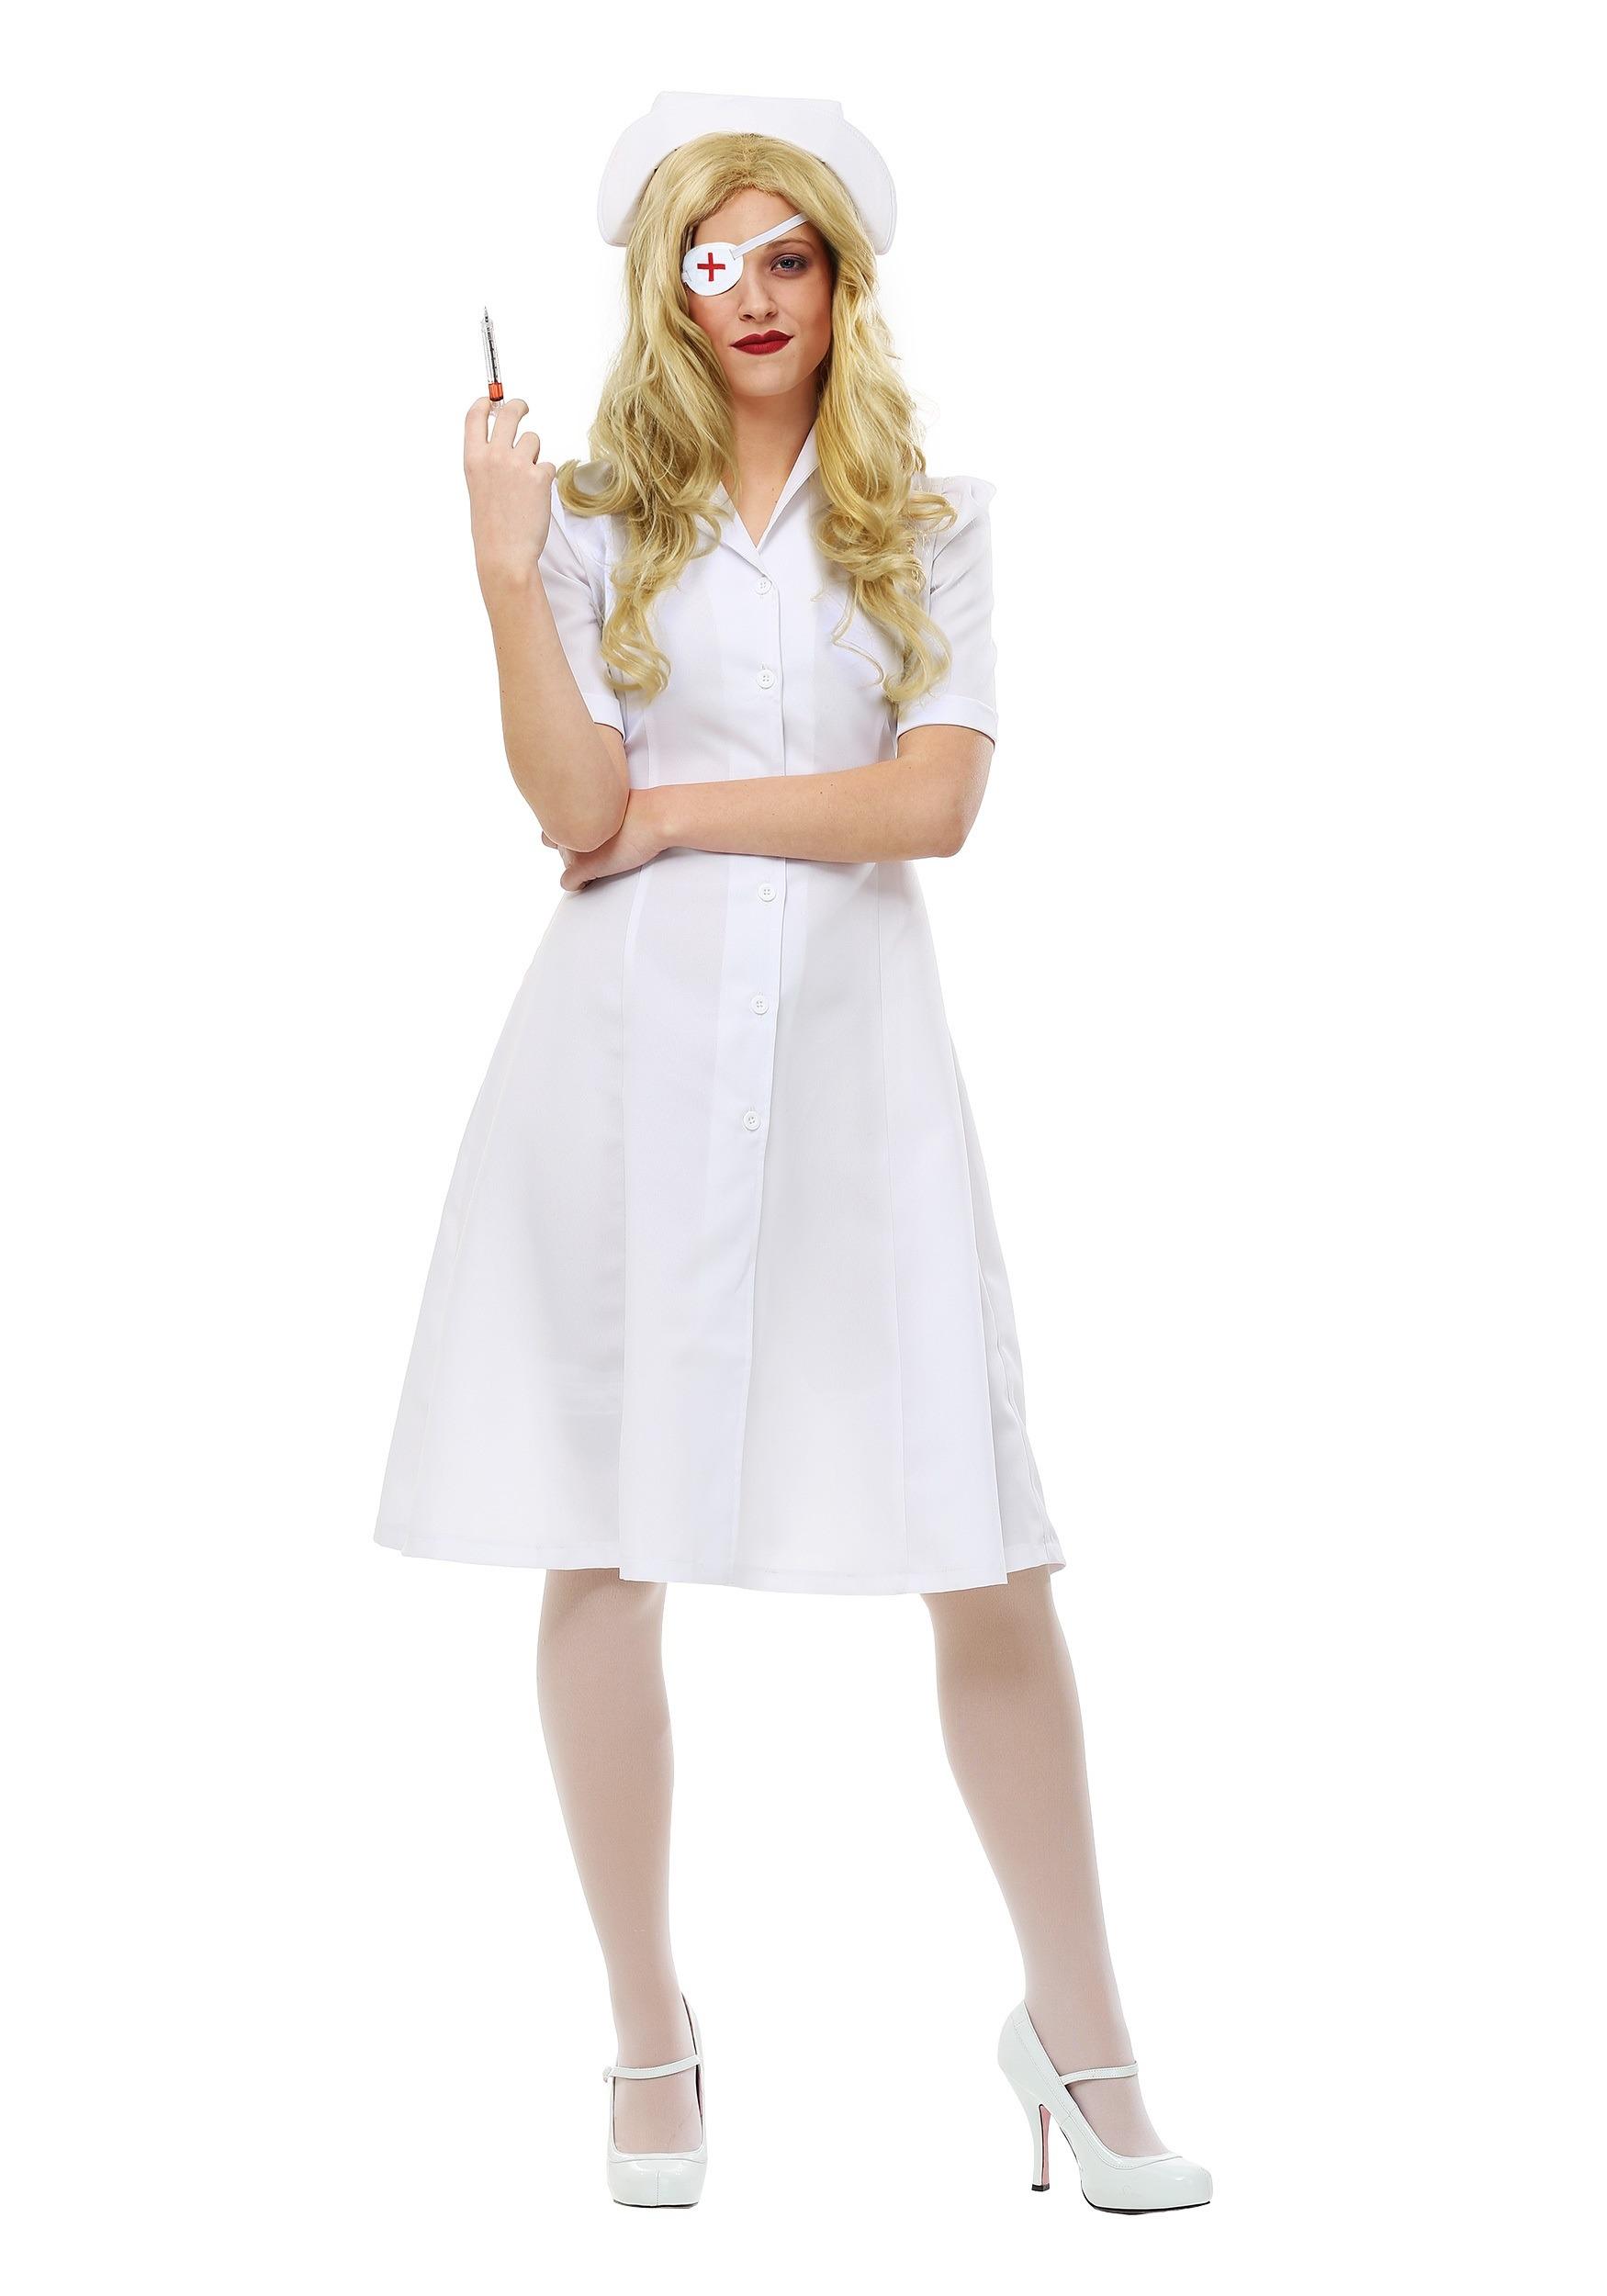 Kill Bill Elle Driver Nurse Women's Costume FUN0204AD